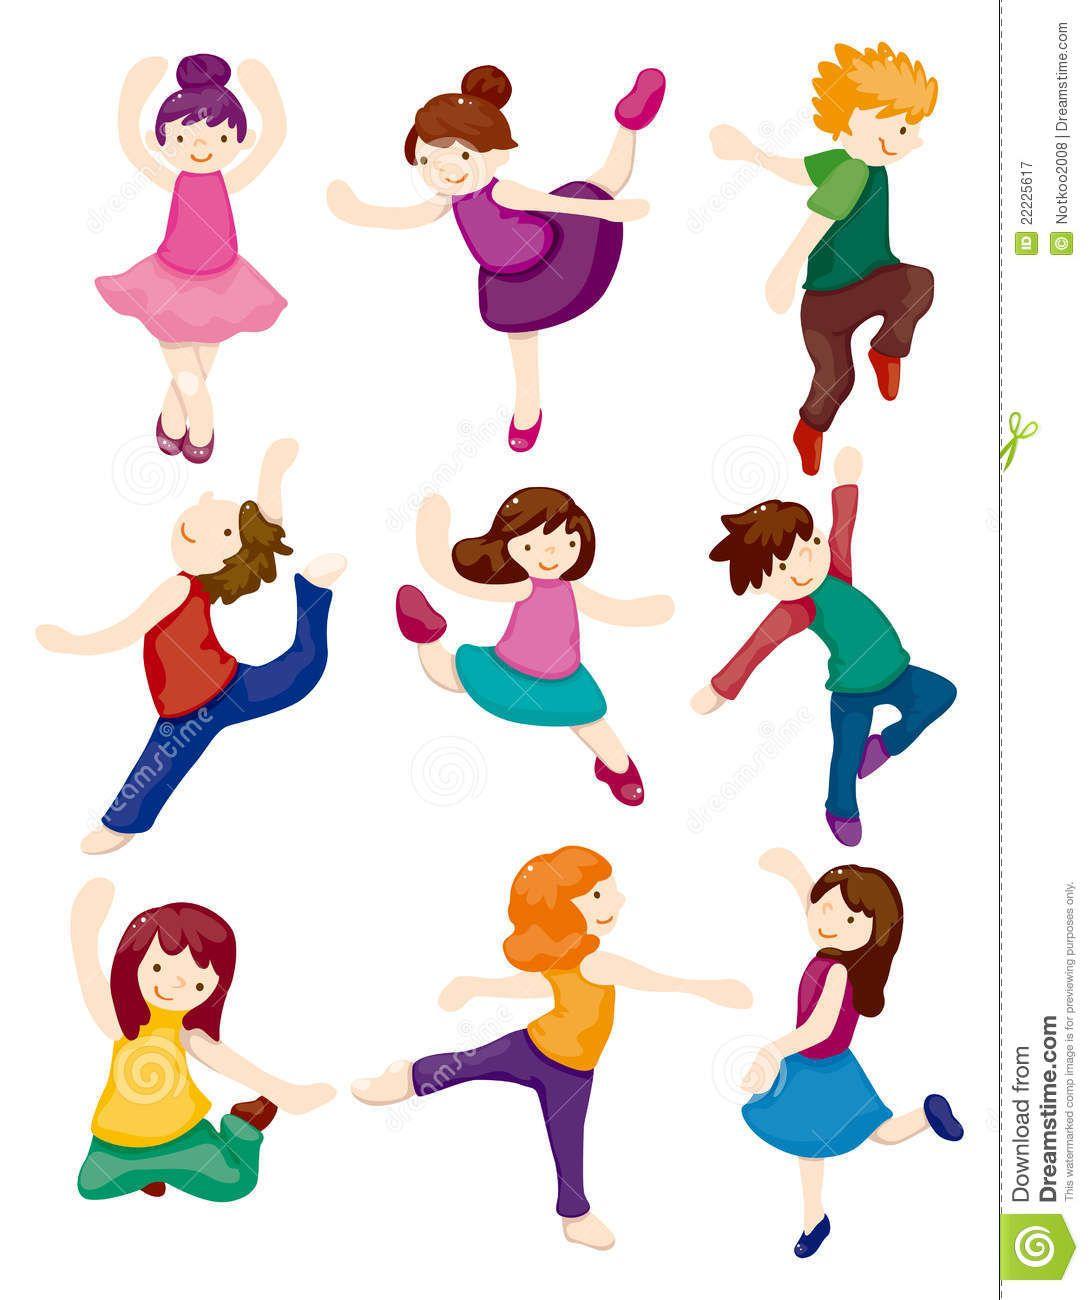 Jogo Do Dançarino Dos Desenhos Animados - Baixe conteúdos de Alta Qualidade entre mais de 44 Milhões de Fotos de Stock, Imagens e Vectores. Registe-se GRATUITAMENTE hoje. Imagem: 22225617